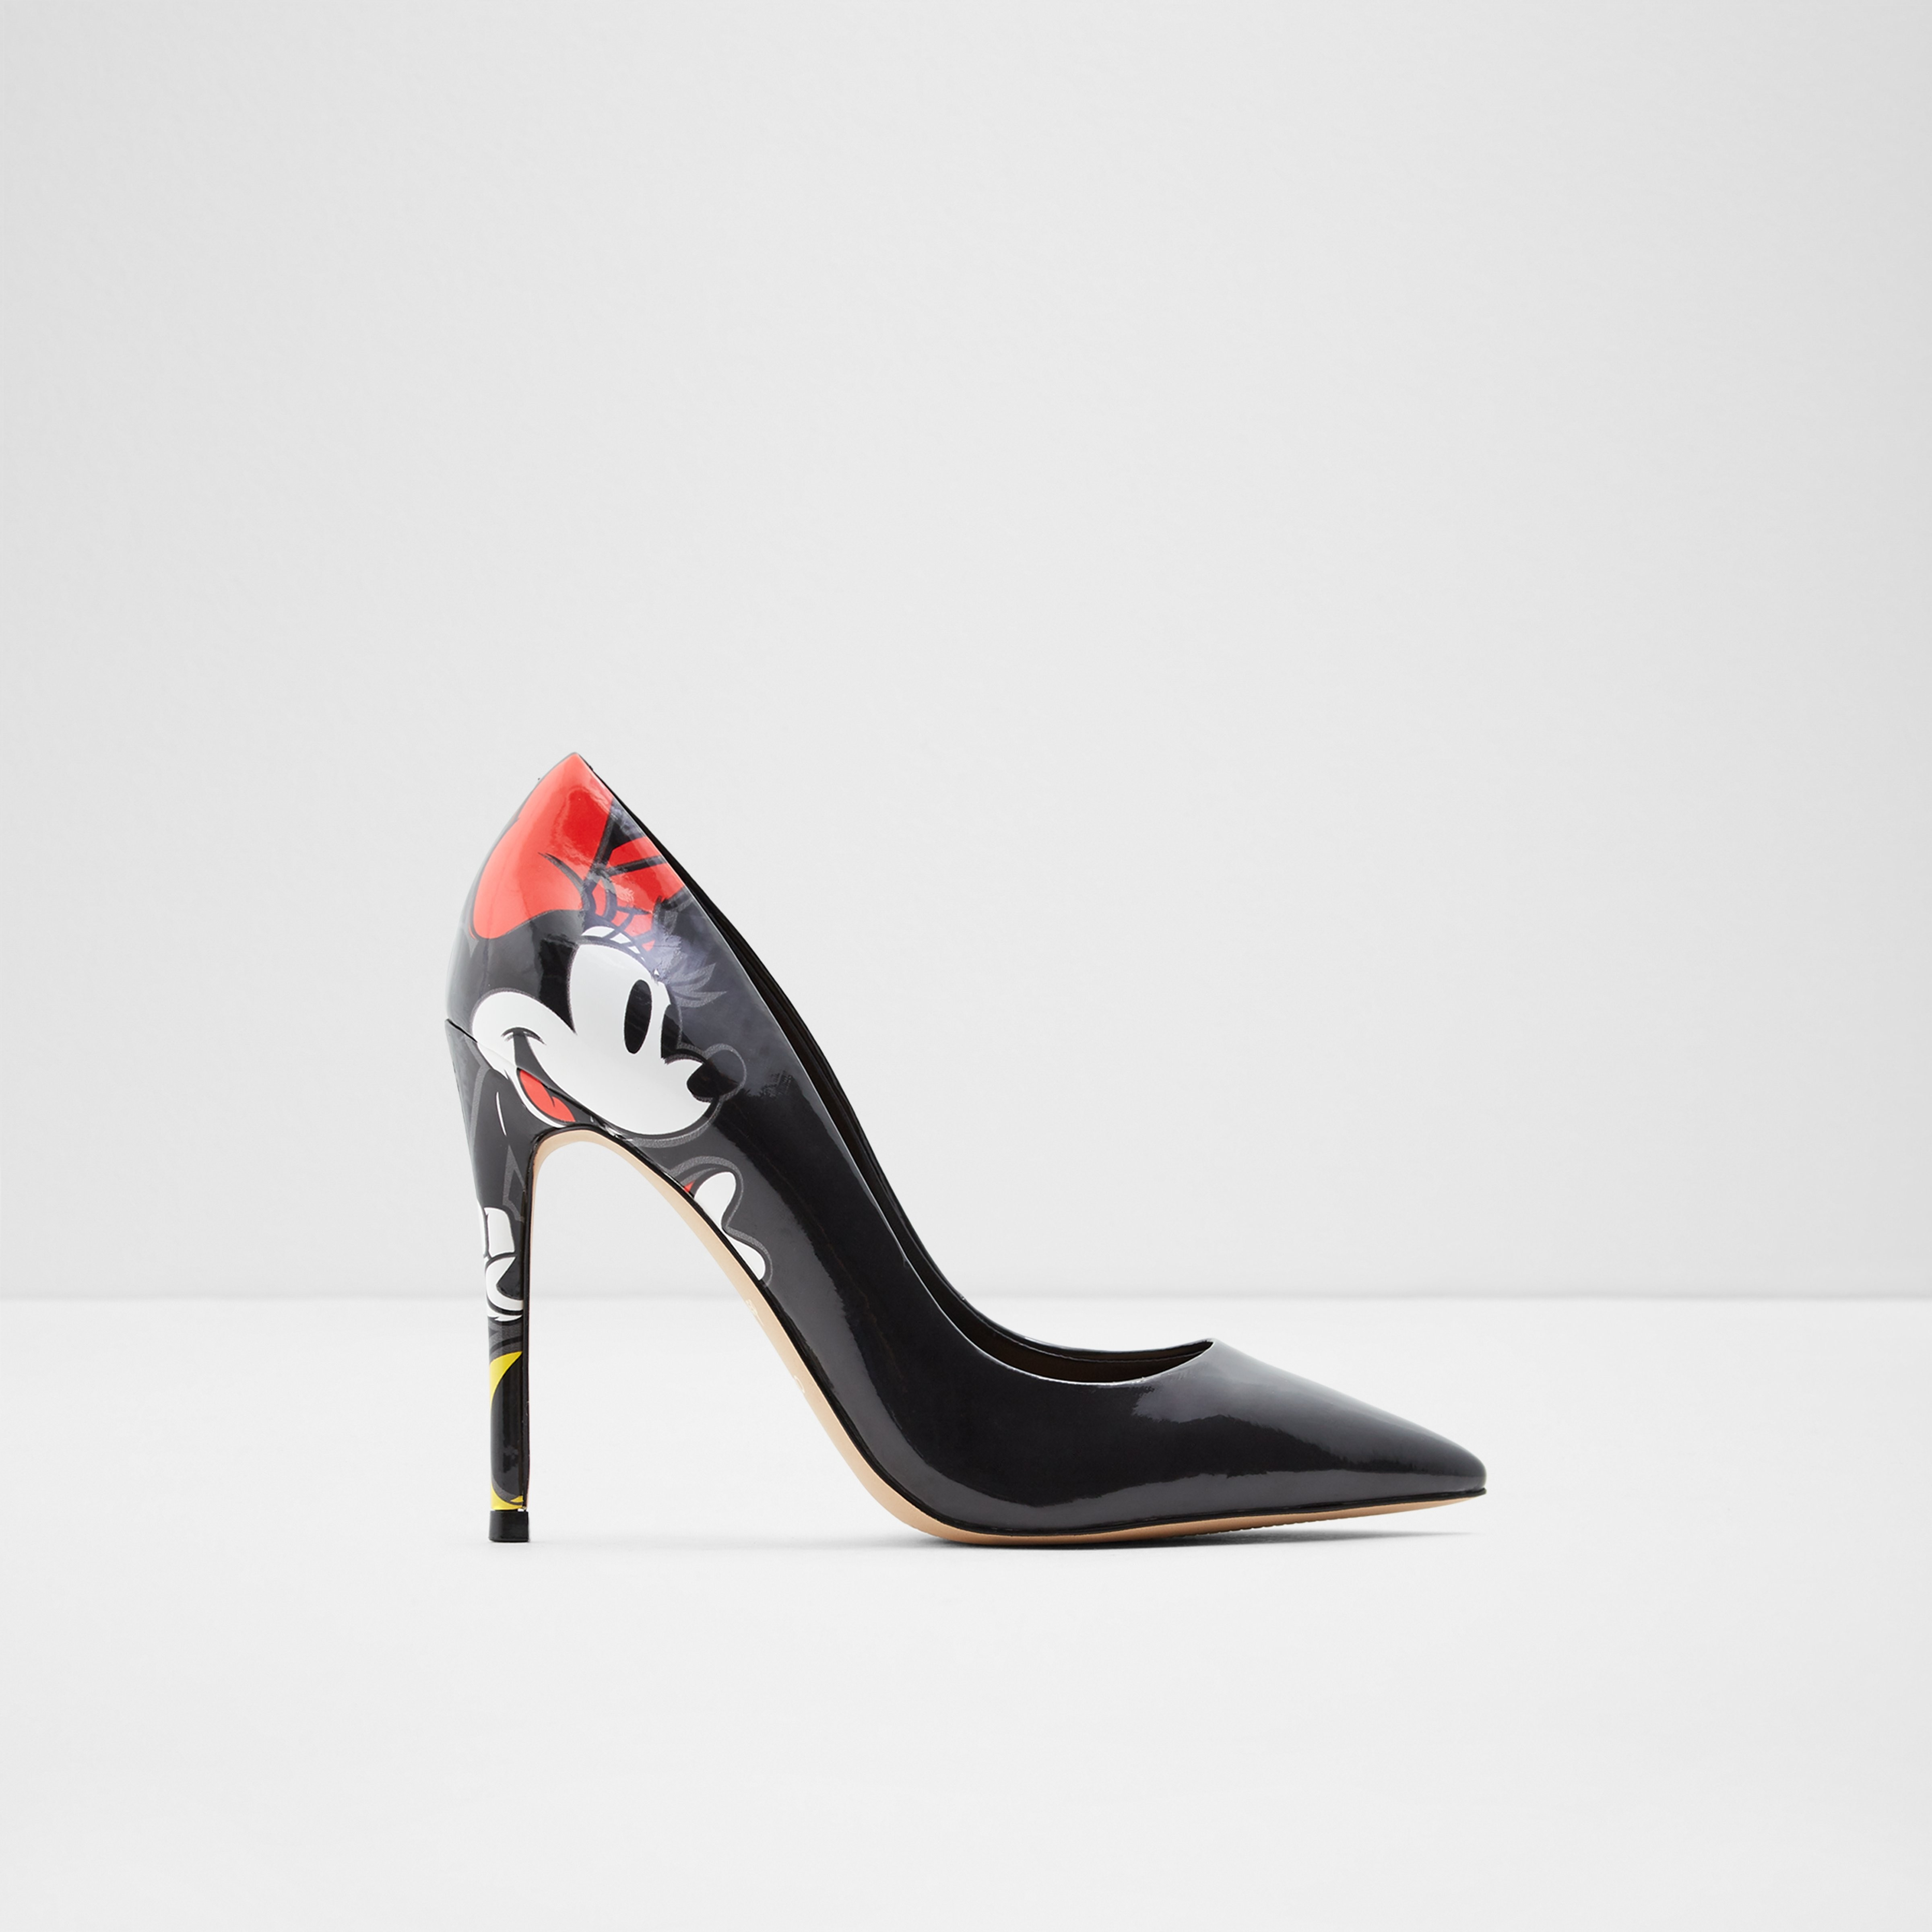 comercializează stil clasic pantofi casual Pantofi negri, Stessymickey001, din piele ecologica | ALDO Romania